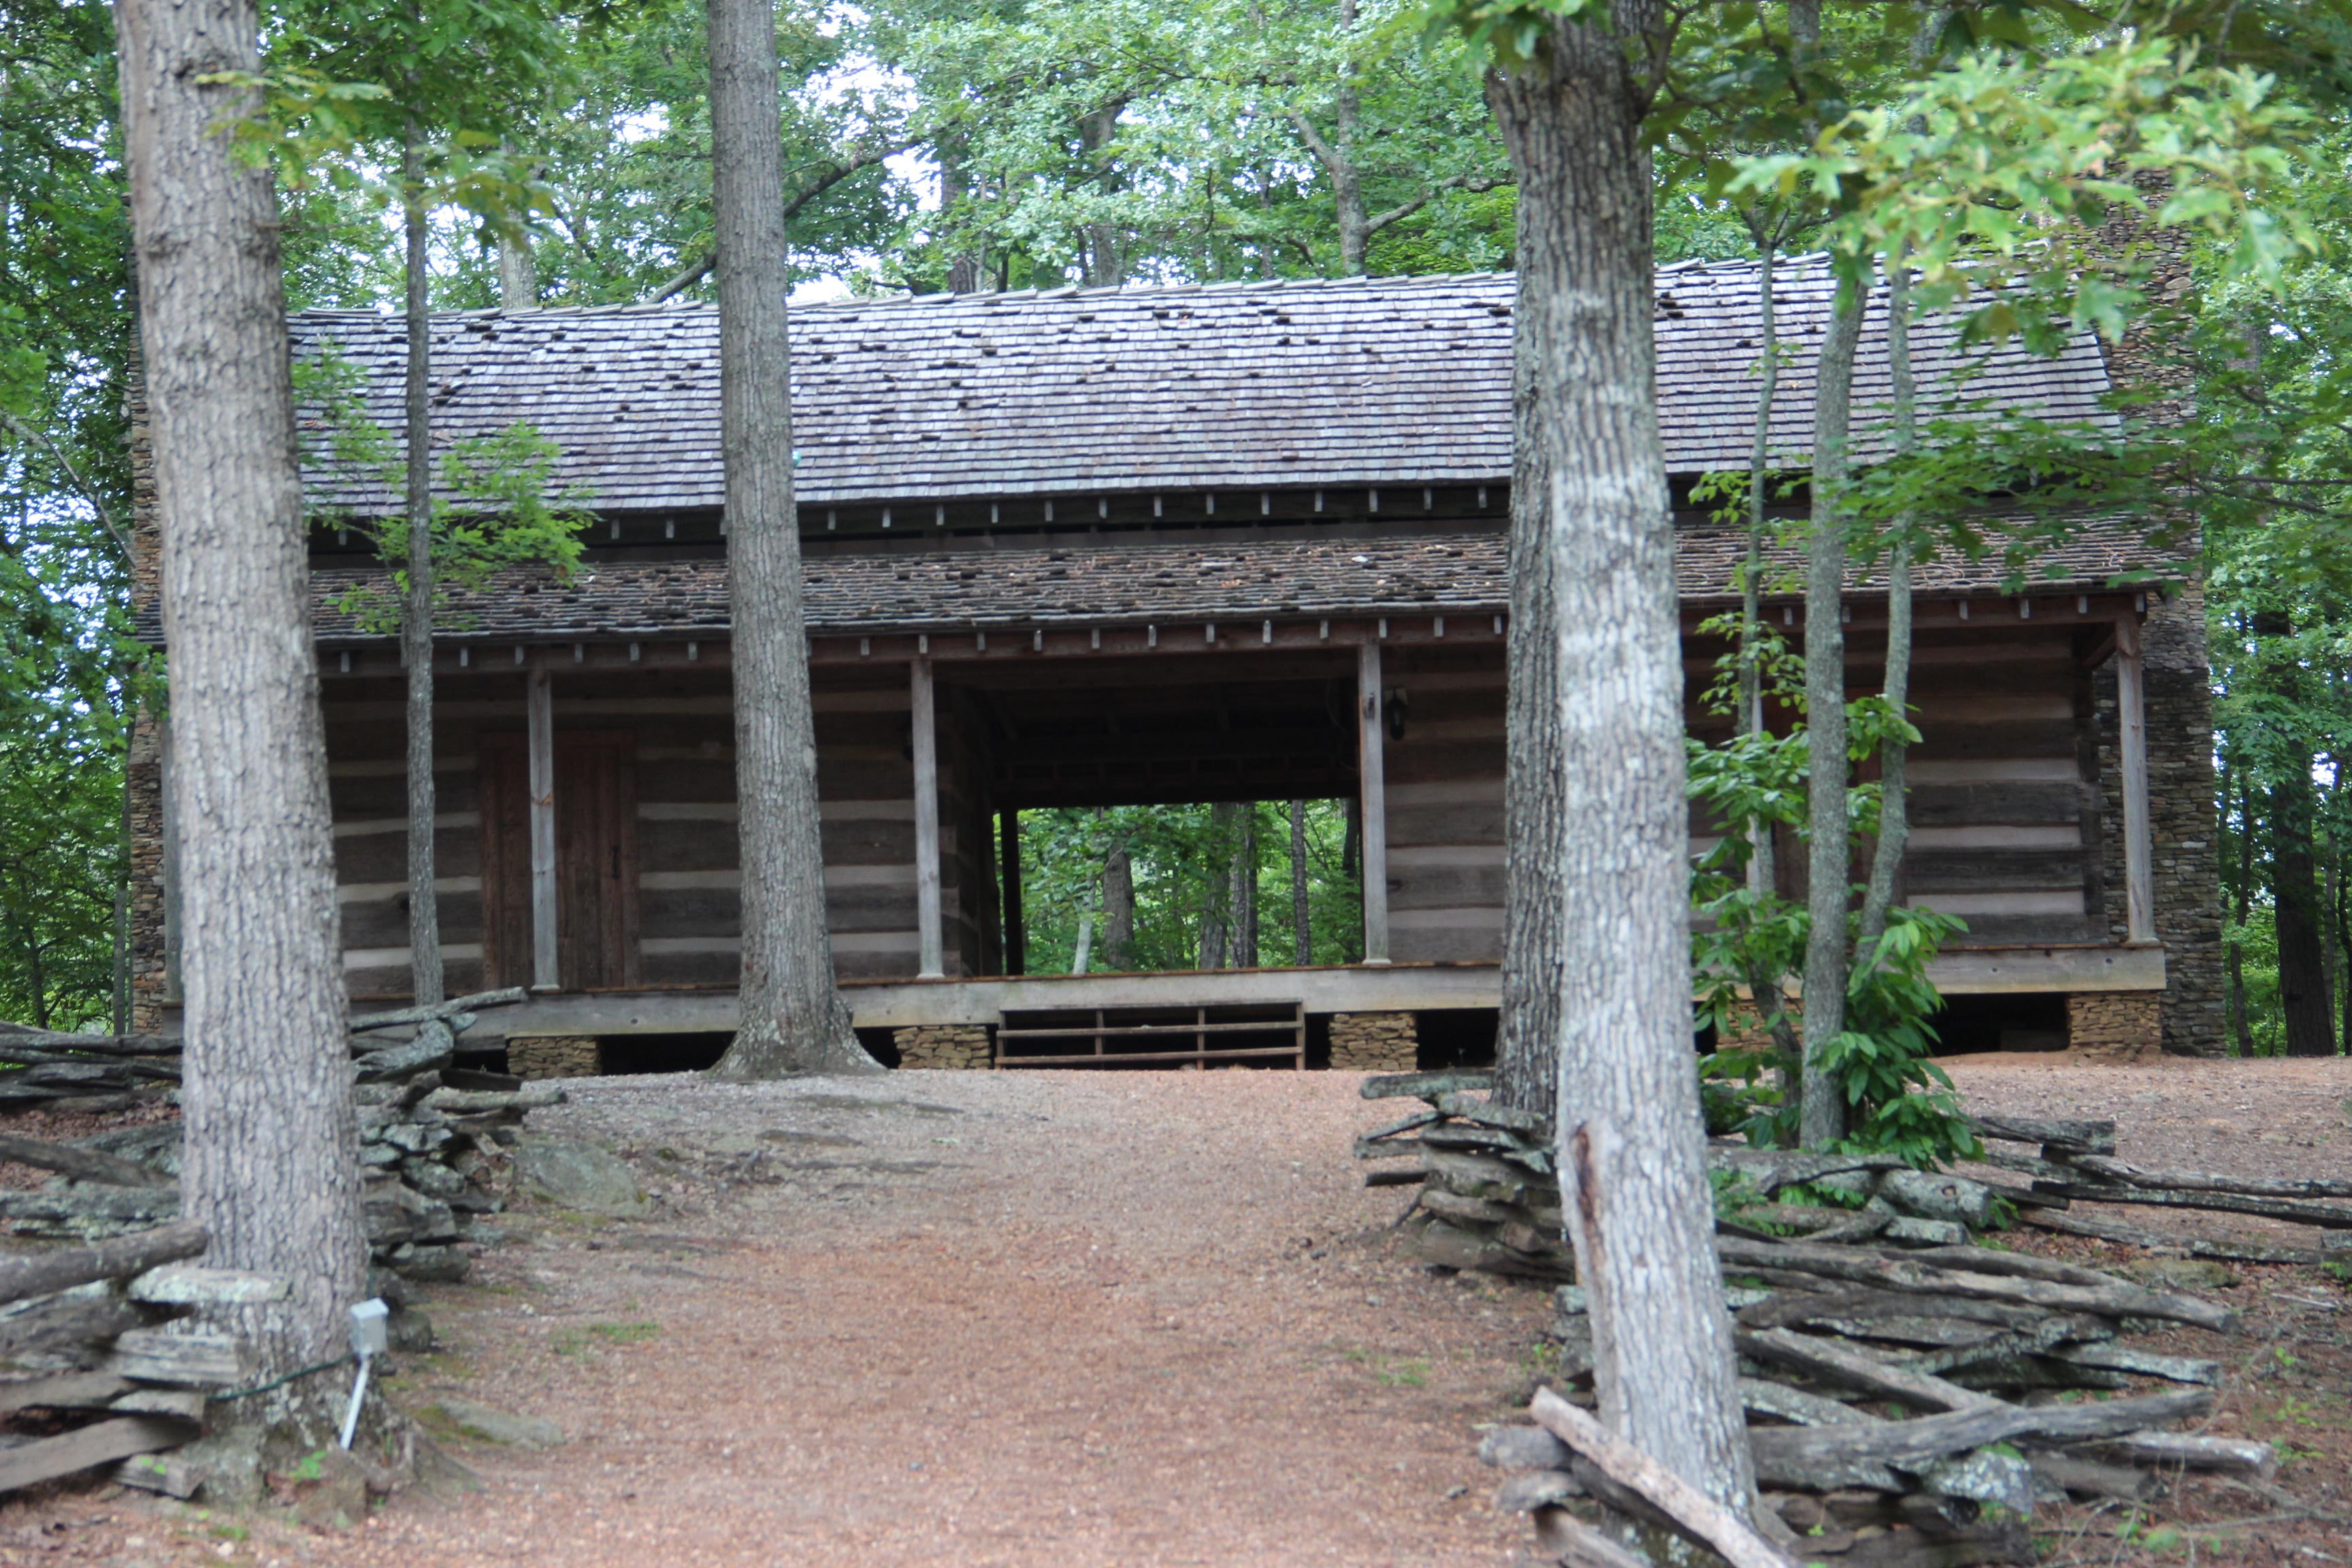 Garner State Park Cabin Rentals Garner State Park. - Pinterest Pictures of cabins at garner state park